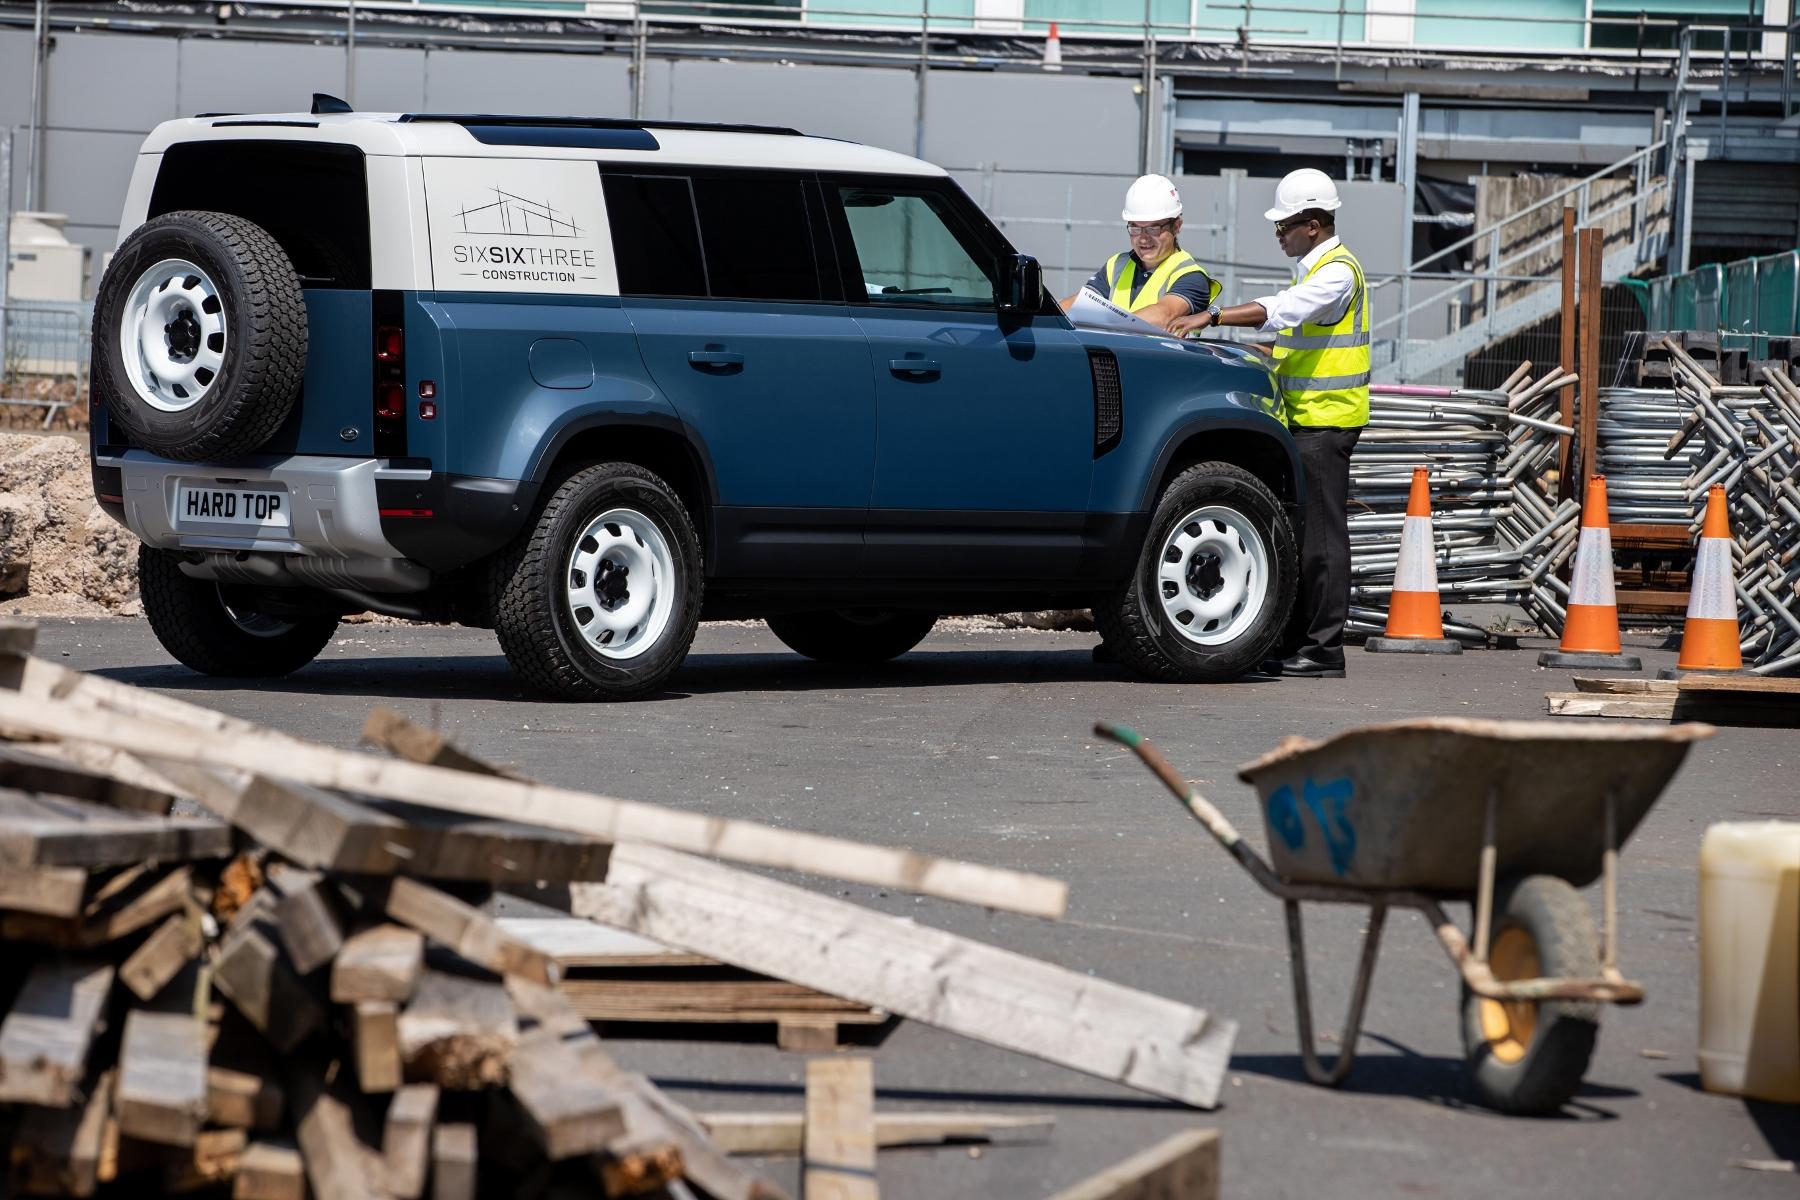 Nový Land Rover Defender prichádza v úžitkovej verzii Hard Top iYYgYfsM4r 8lrdefhardtop30062001-1800